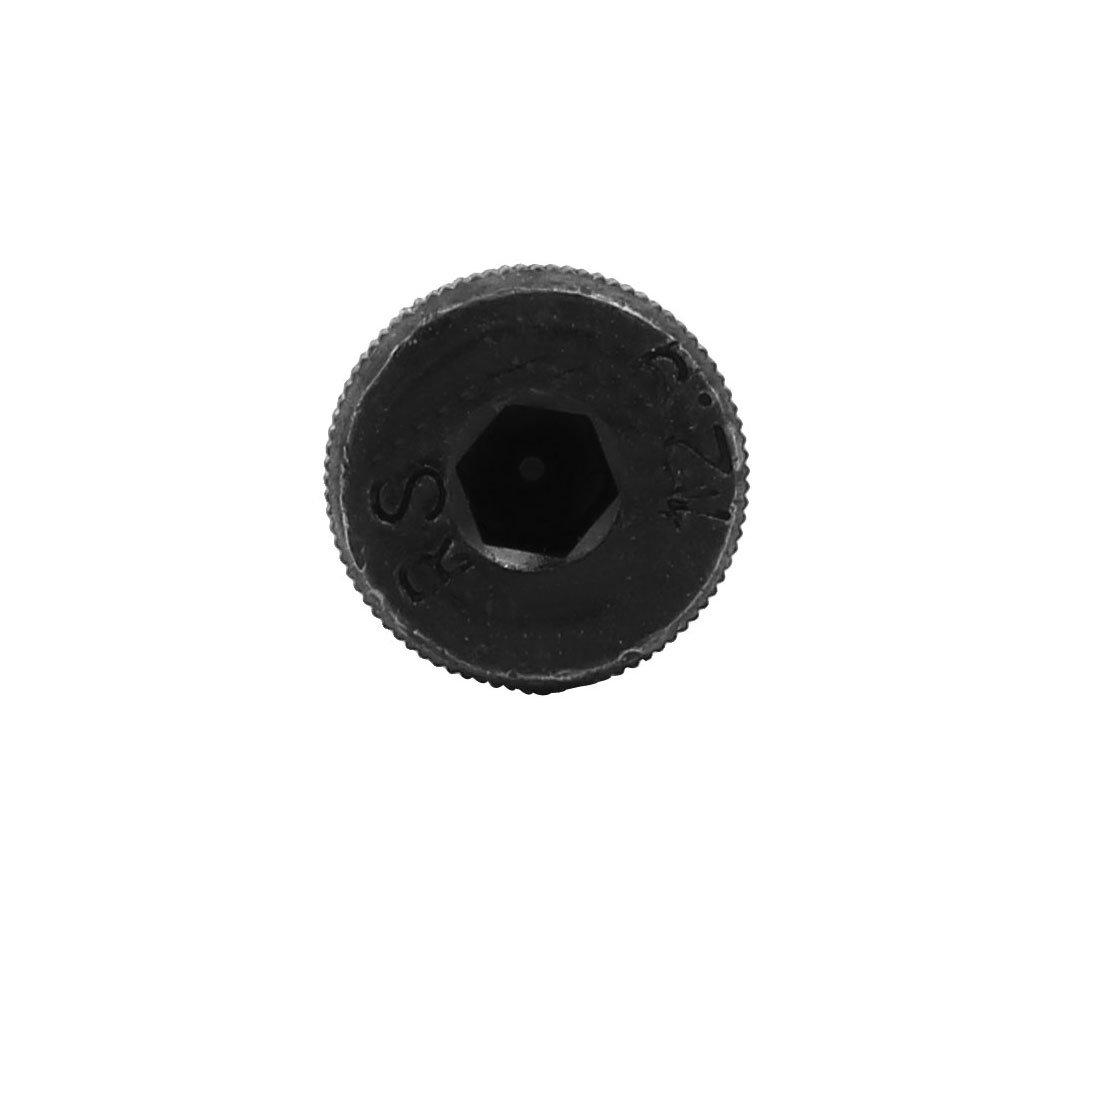 sourcing map 5pcs 40Cr Boulon D/épaule 10mm /Ø 80mm long /épaule M8x13mm